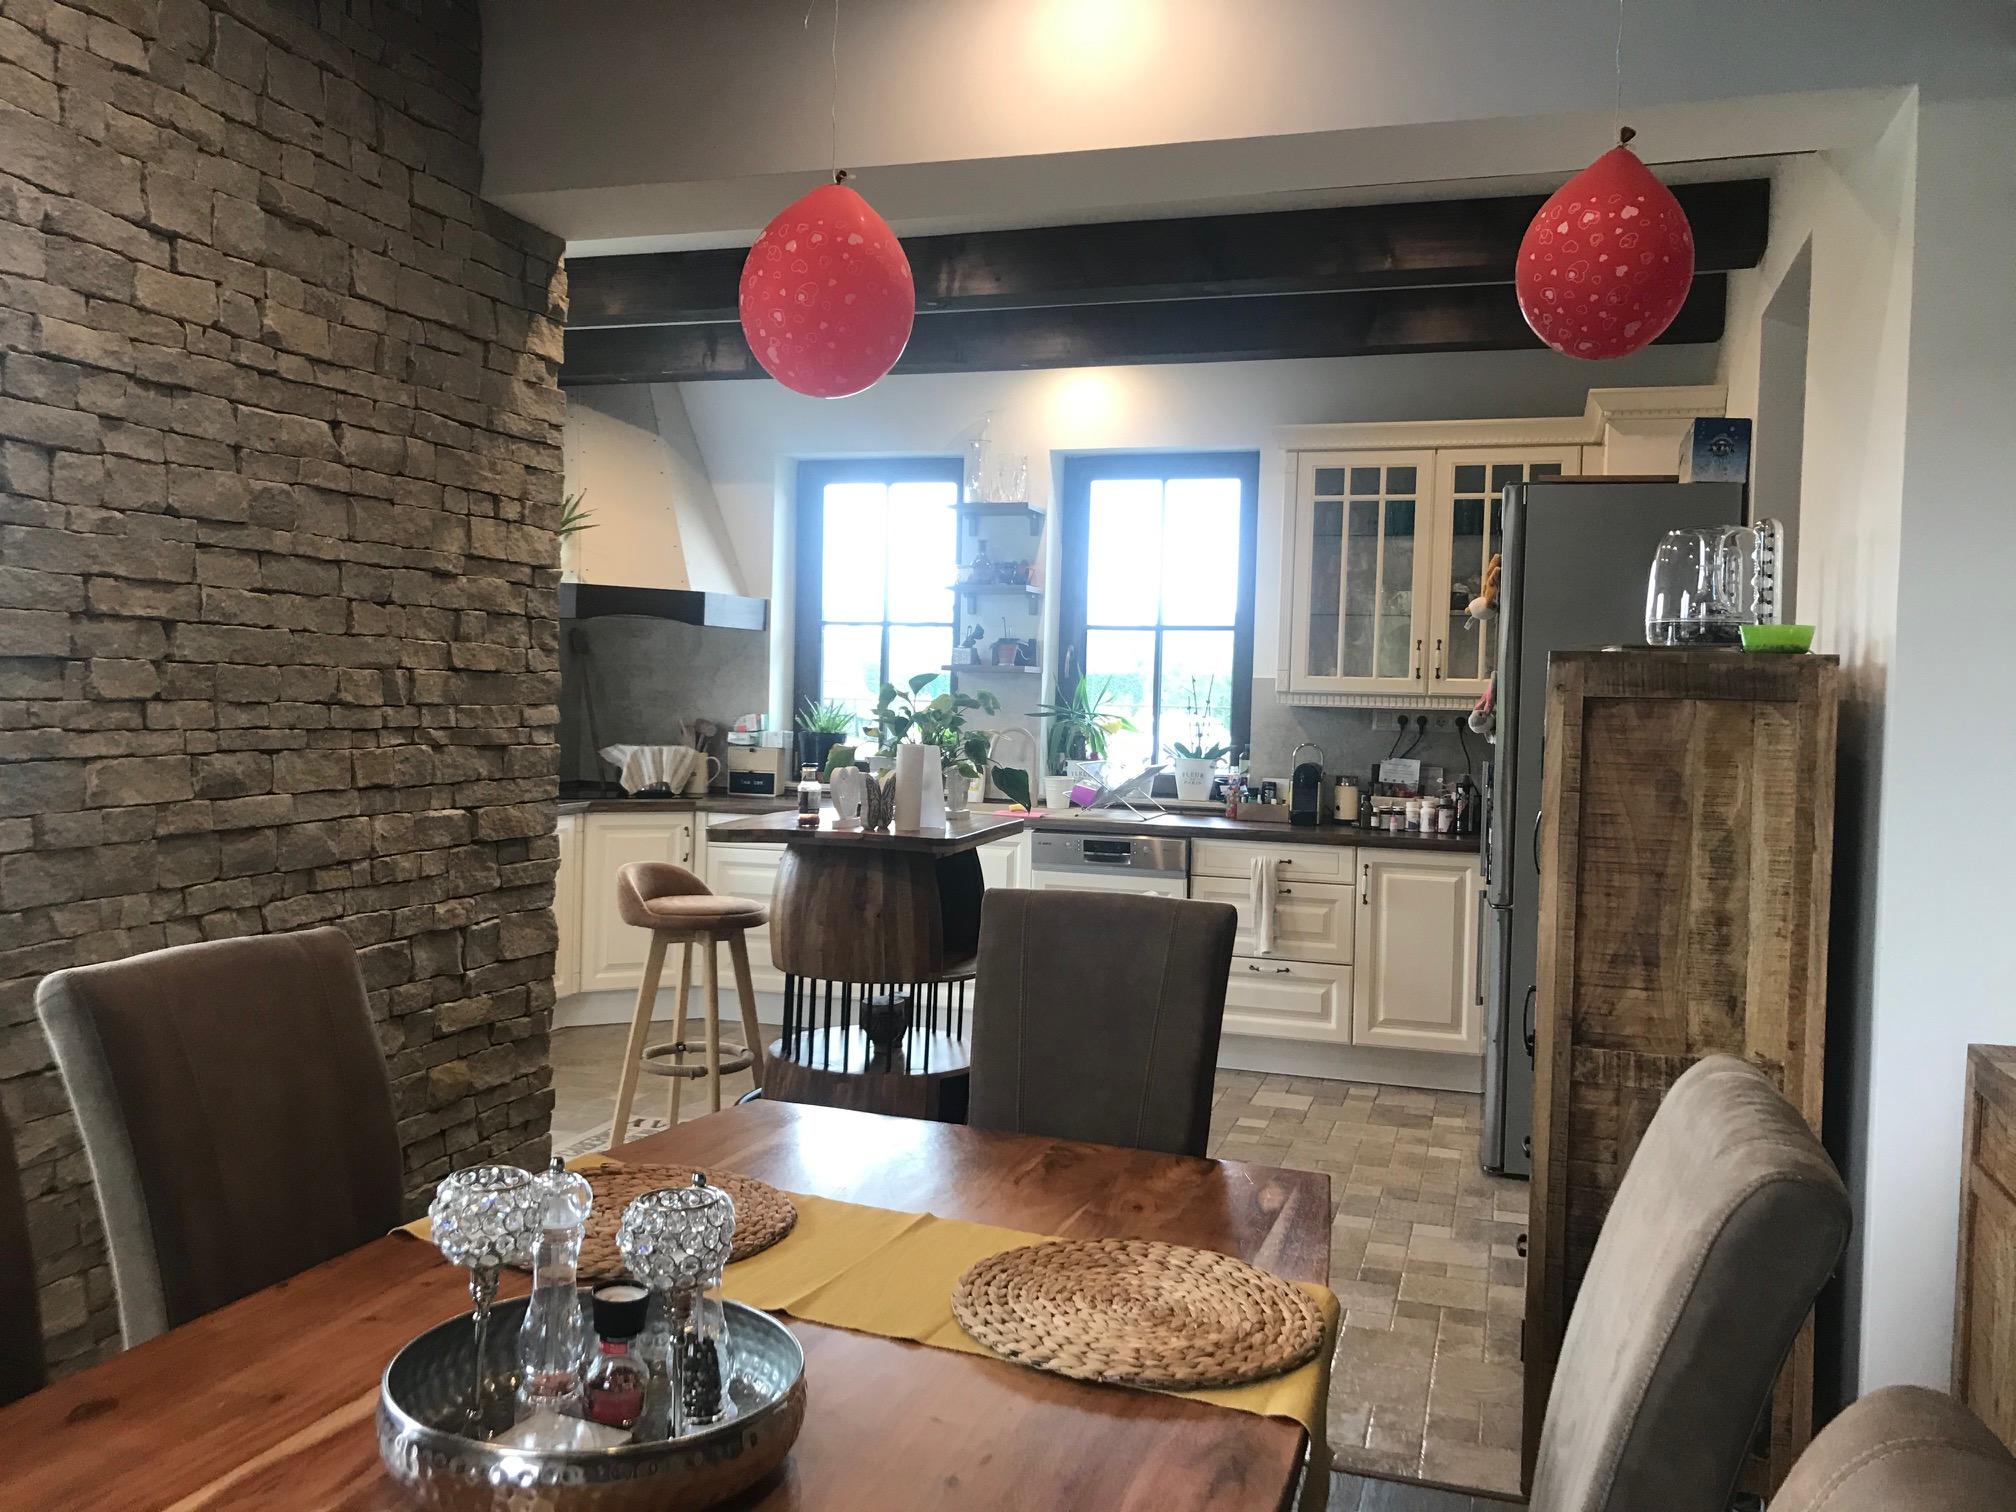 Családi-ház-beltér-konyha-étkező-2